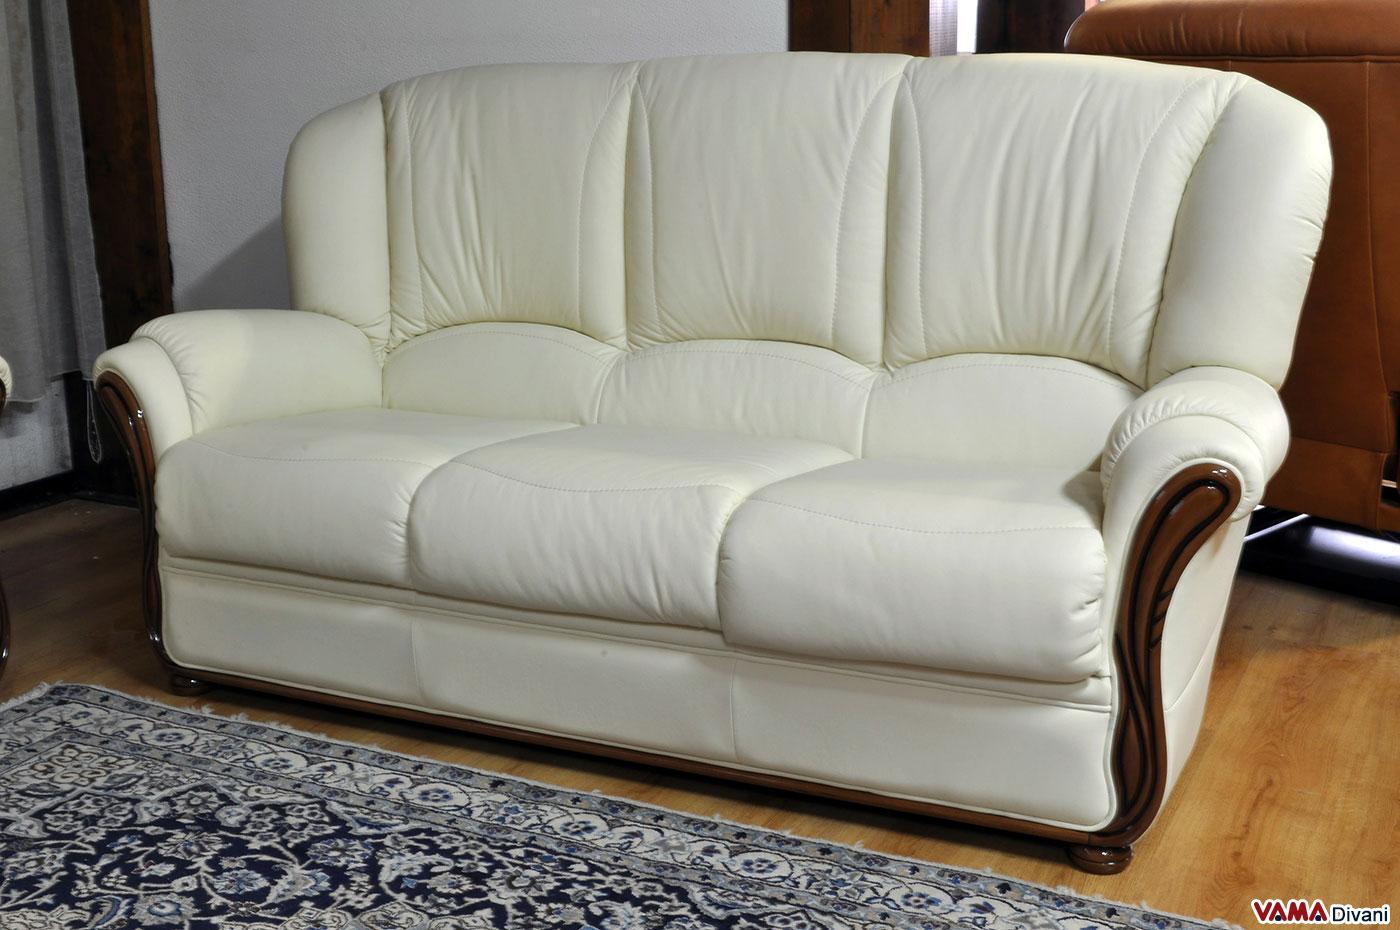 Divano in legno rustico cheap divano helsinki divano letto with divano in legno rustico divani - Divano ikea con struttura in legno ...